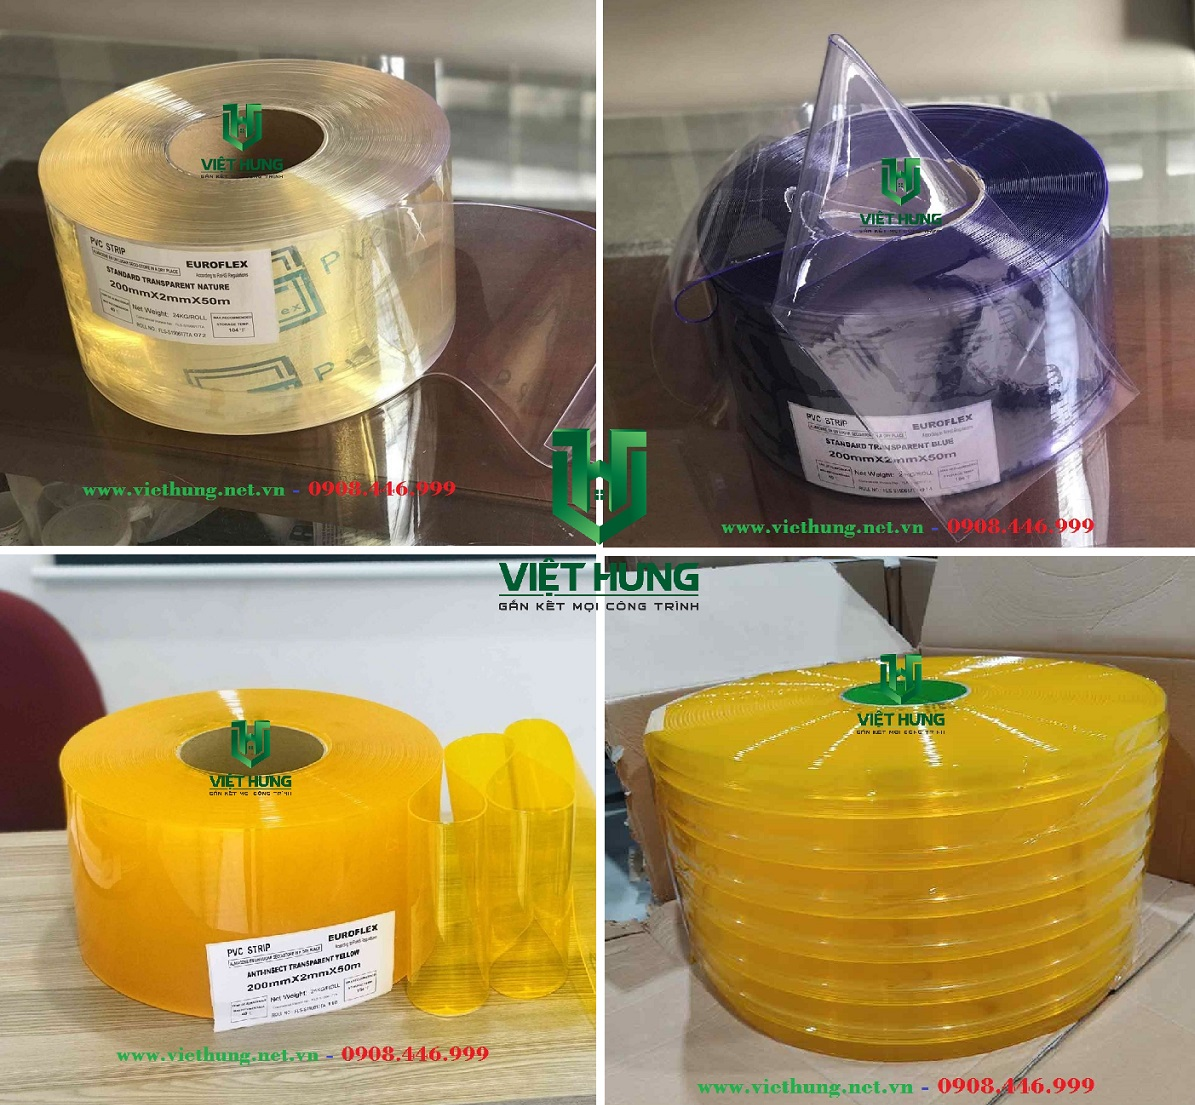 Bảng màu sắc rèm nhựa pvc ngăn lạnh, bụi, côn trùng màu trắng trong, xanh trong, vàng cam, vàng gân